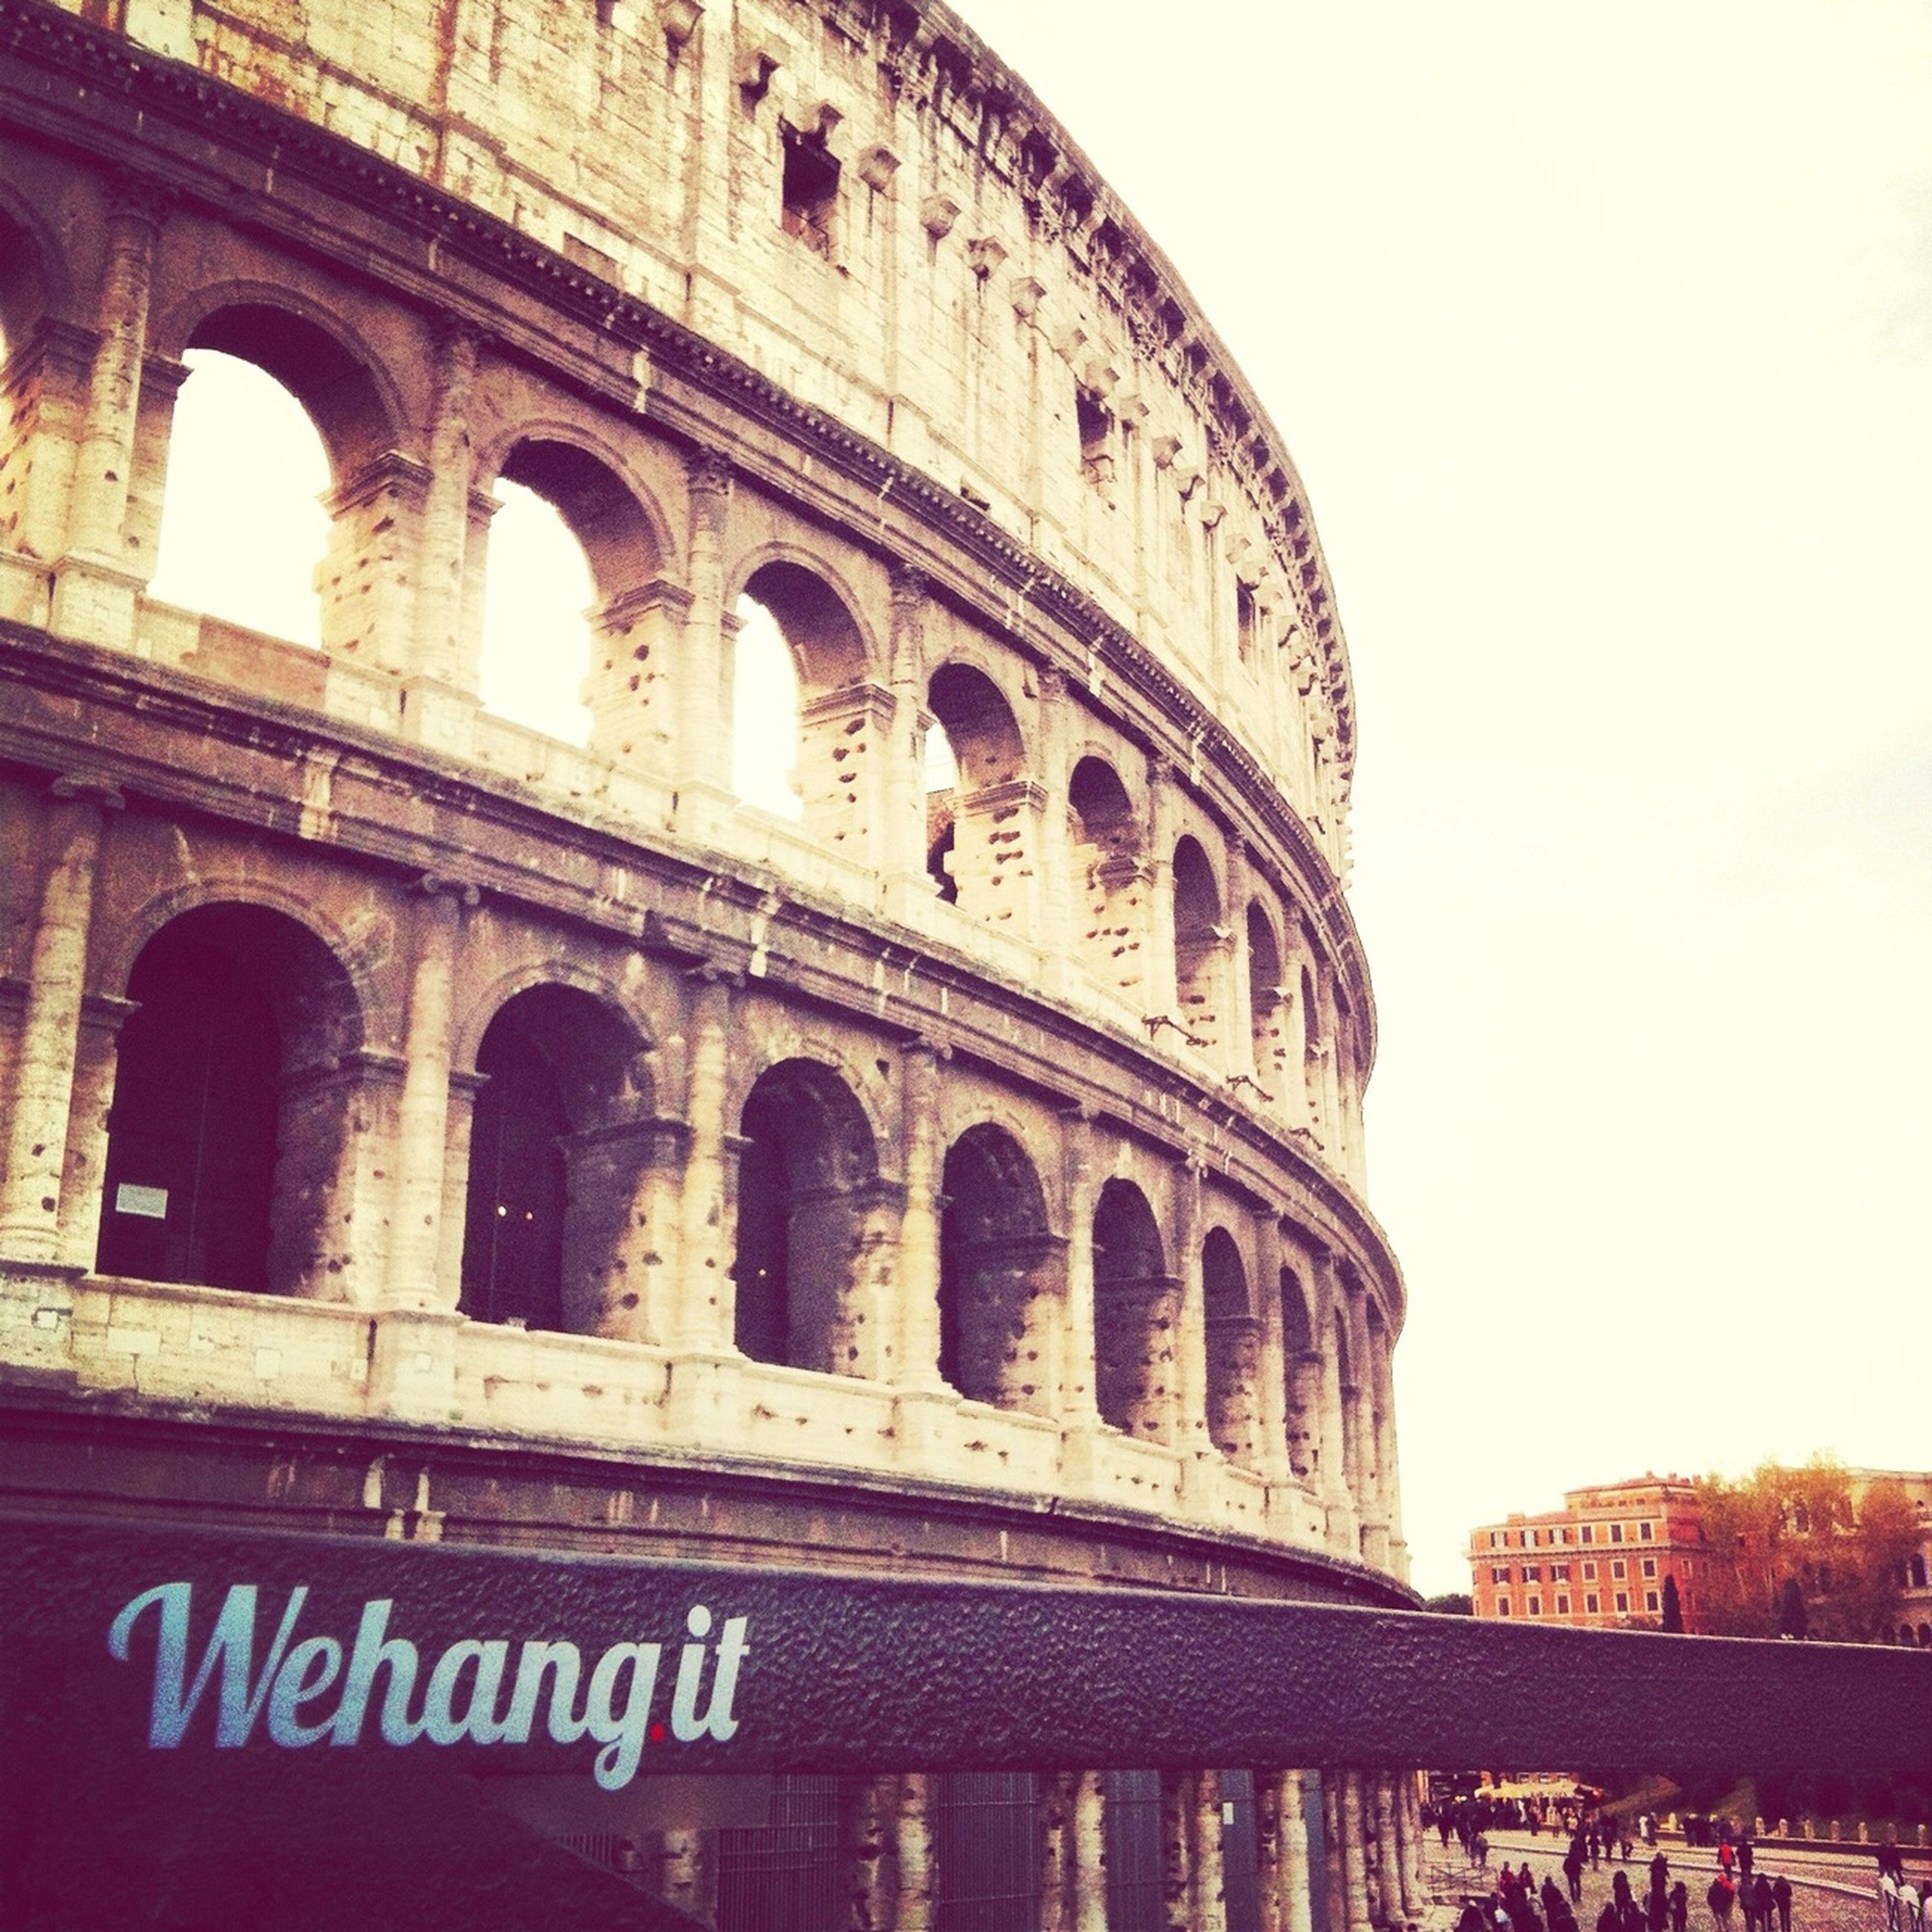 Wehangit